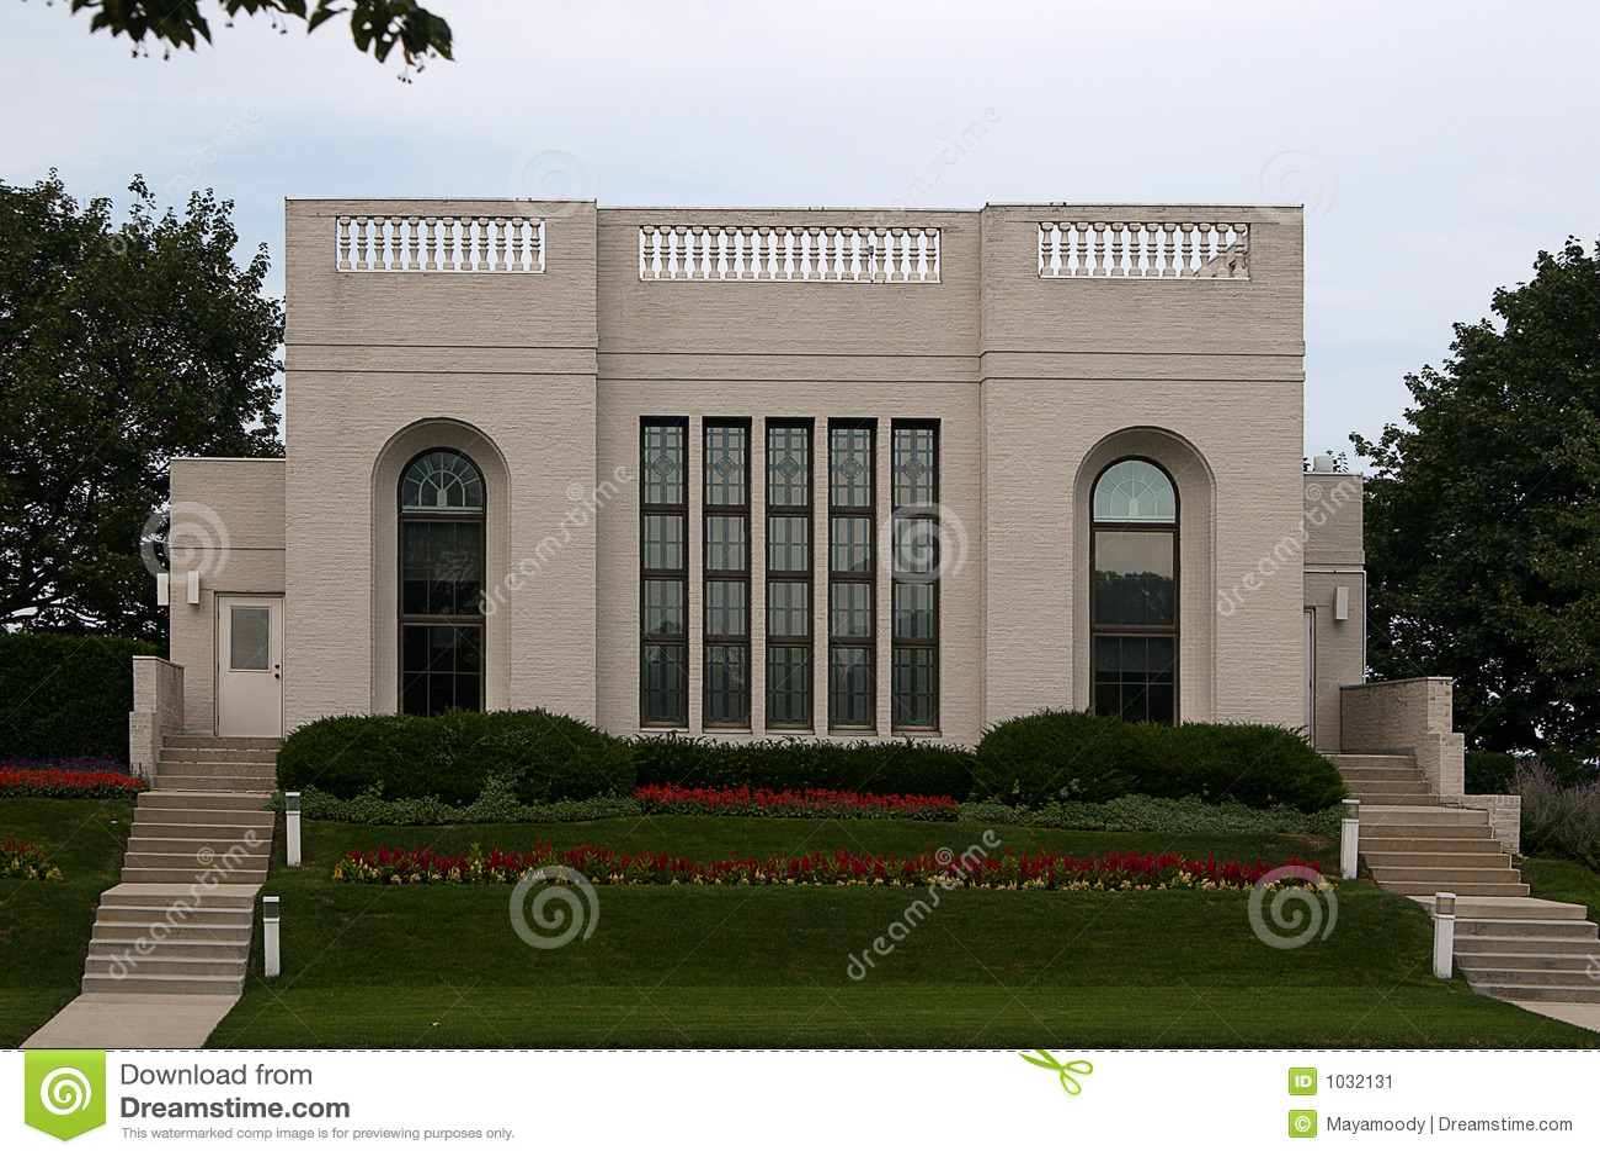 Maison moderne avec le jardin vue de face image stock image 1032131 - Jardin maison moderne ...